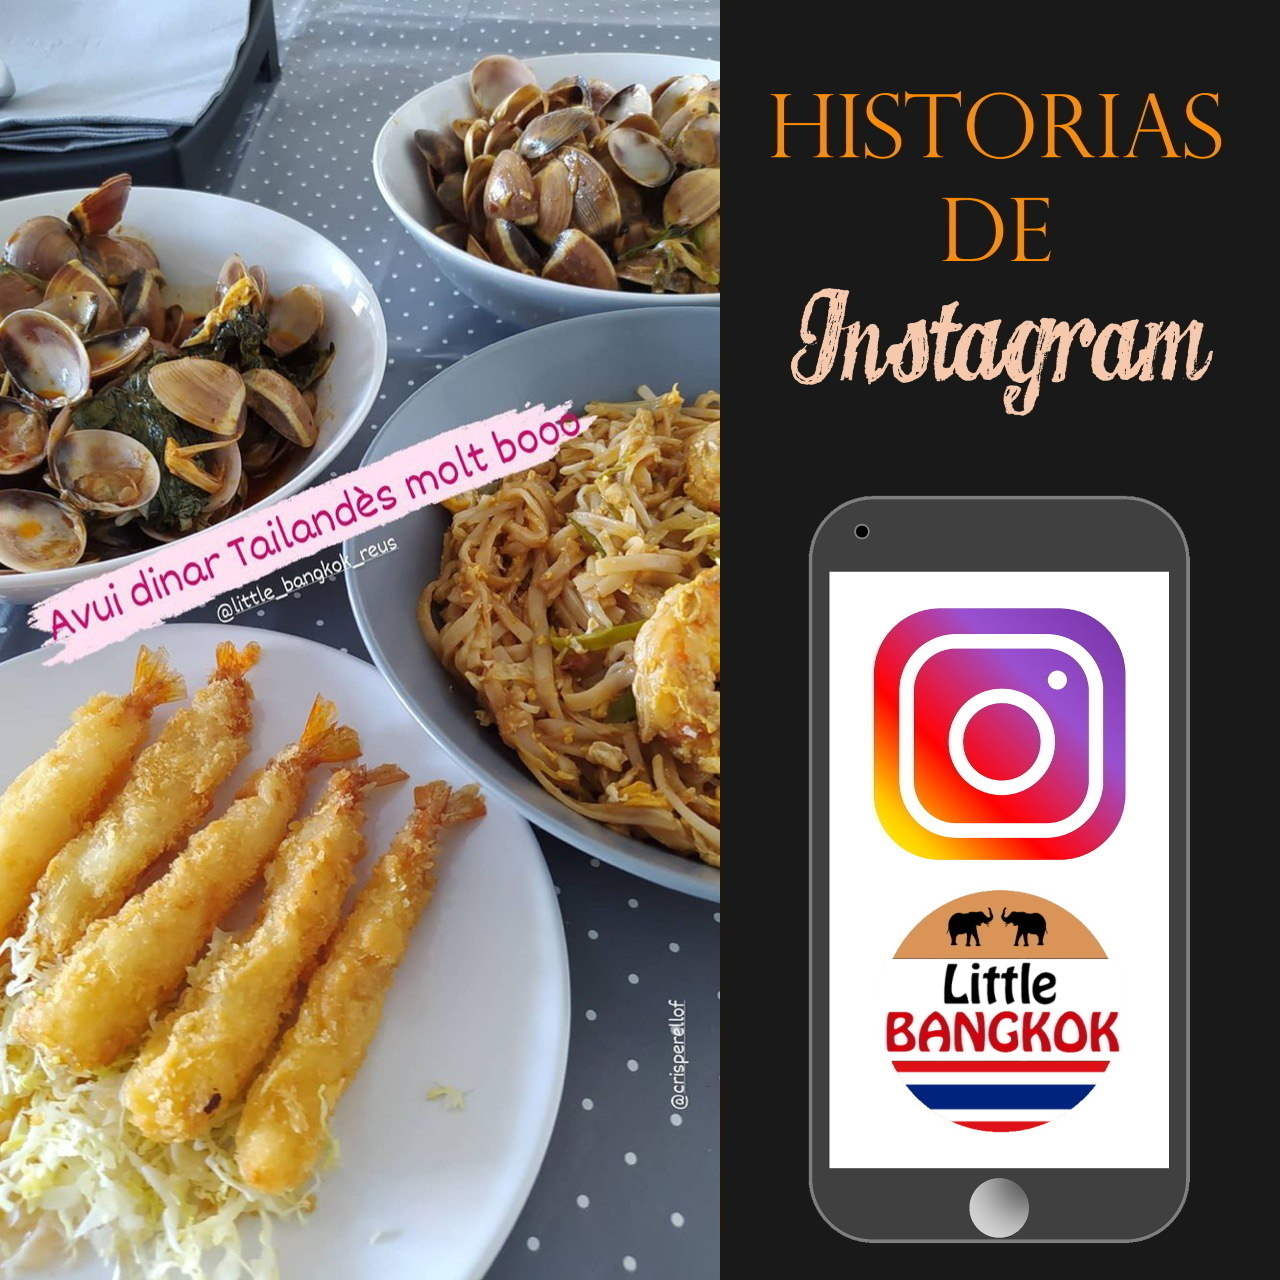 Historias de Instagram - Enero 2